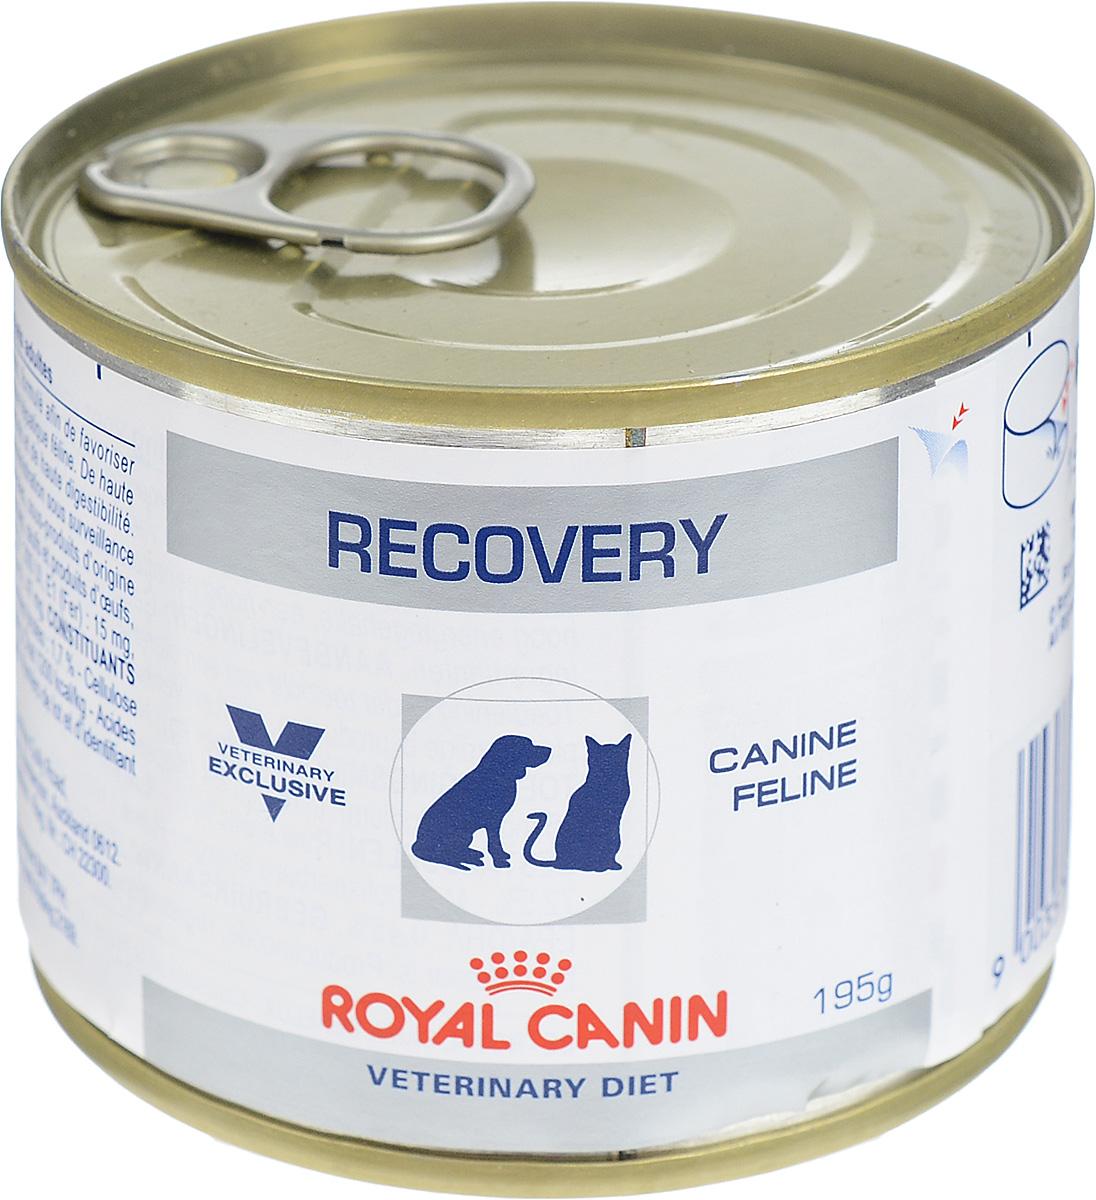 Консервы для собак и кошек Royal Canin Recovery, в период анорексии и выздоровления, 195 г27549Полнорационный диетический корм Royal Canin Recovery предназначен для кошек и собак в период восстановления после болезни и интенсивной терапии. Показания: - Анорексия – нарушения питания. - Поддержание организма после операций и во время интенсивной терапии. - Период выздоровления. - Искусственное энтеральное кормление. - Липидоз печени у кошек. - Беременность, лактация, рост. Высокое содержание энергии в диетическом корме Royal Canin Recovery помогает компенсировать уменьшение объема потребляемого корма у привередливых в еде животных. Консистенция позволяет легко вводить его шприцем или с помощью зонда. У собак и кошек, находящихся в стационаре, нередко наблюдают снижение аппетита и потерю массы тела. Консервы обладают высокой вкусовой привлекательностью, благодаря чему животные охотно их поедают. Комплекс антиоксидантов синергичного действия (витамины Е и С, таурин, лютеин) помогает противостоять...